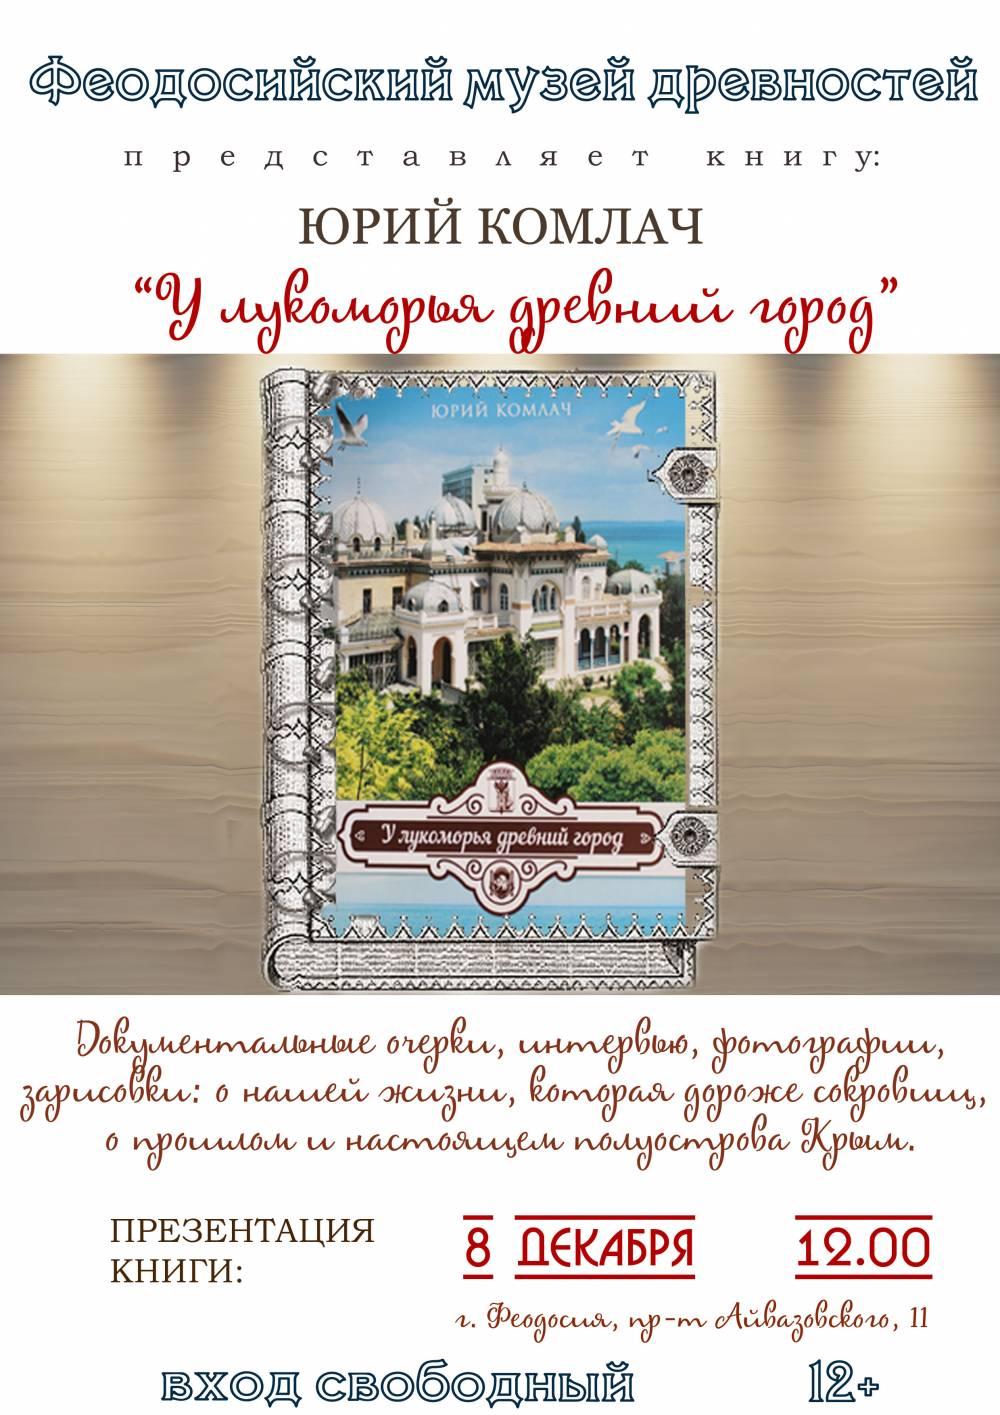 Феодосийский музей древностей приглашает на презентацию книги